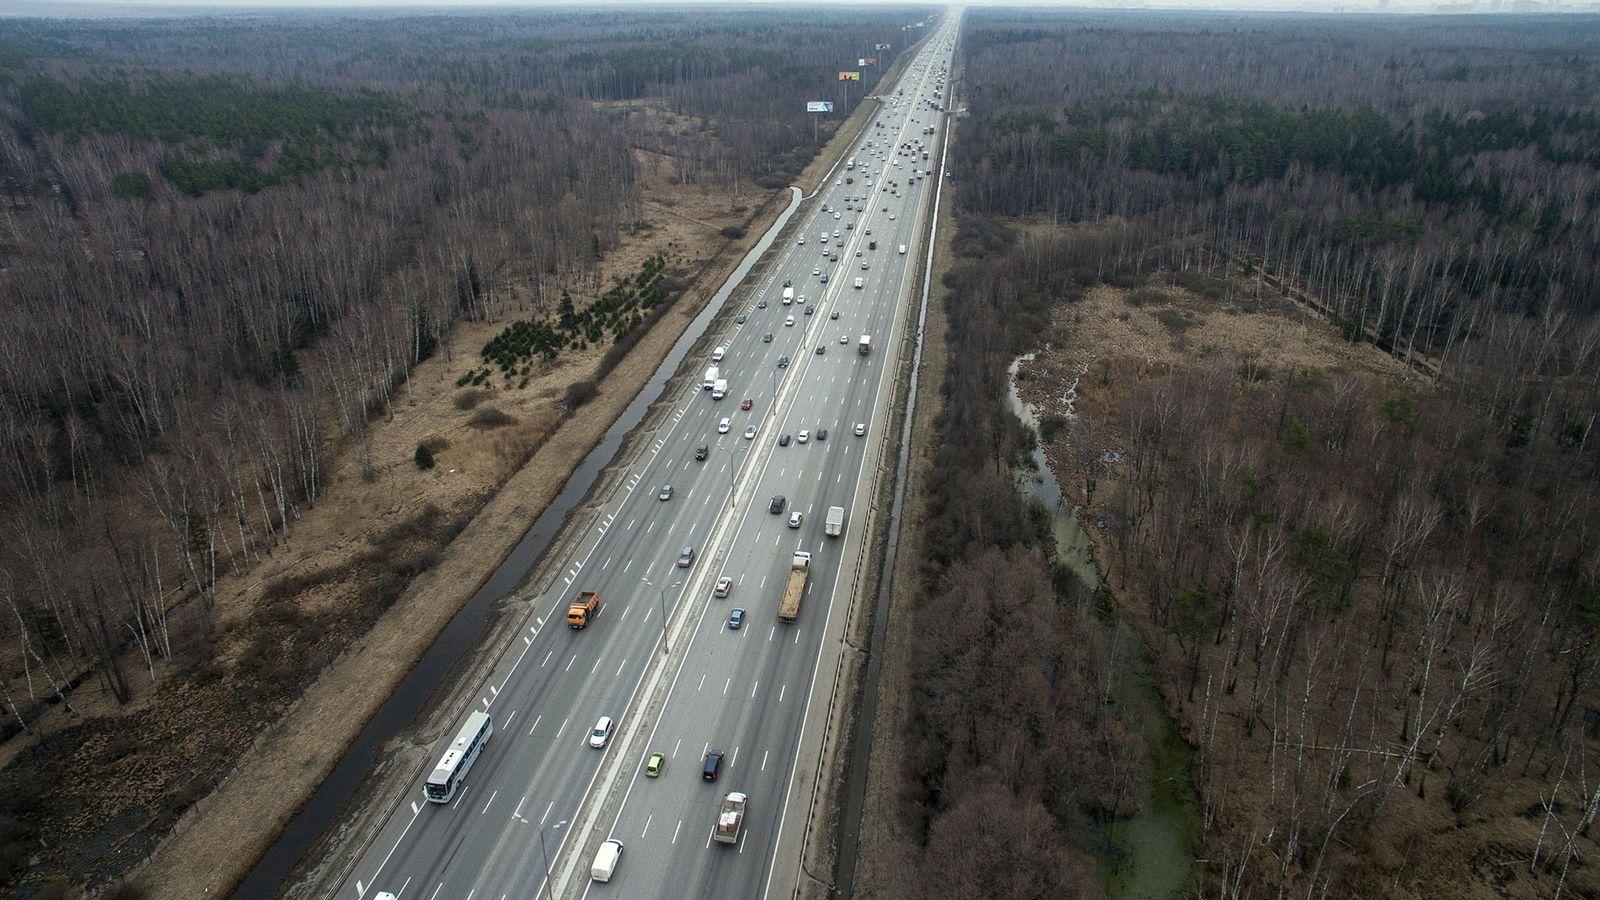 Ein Blick auf die A113, den Zentralen Autobahnring Moskaus, der durch den Nationalpark Lossiny Ostrow verläuft.